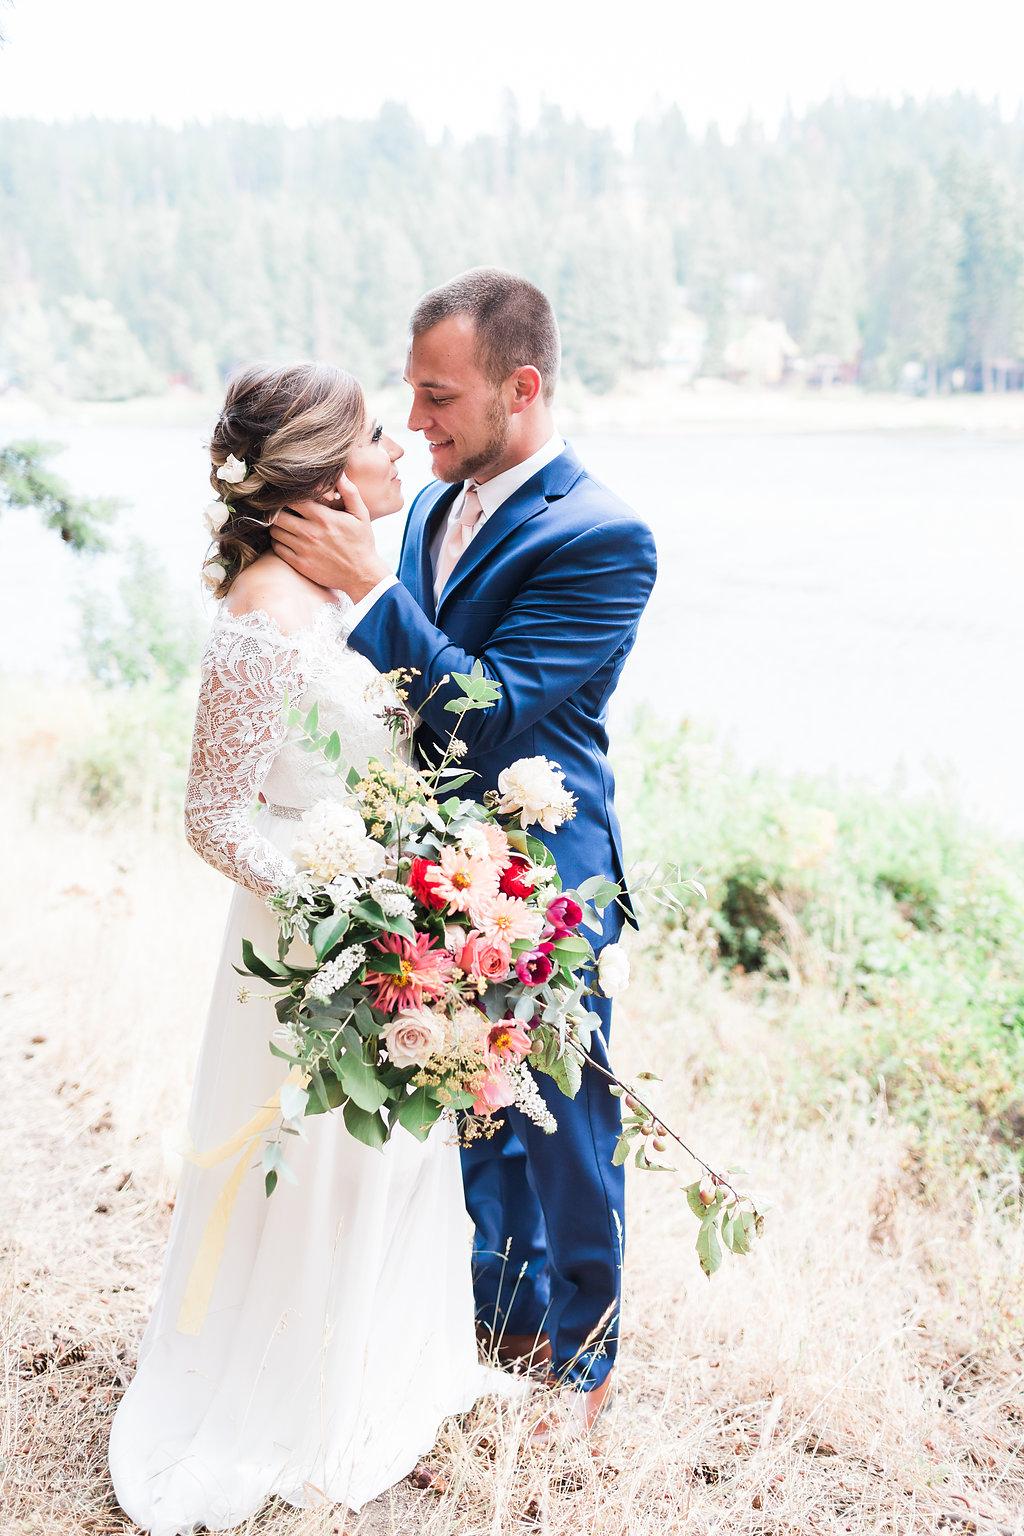 Creative wedding planner